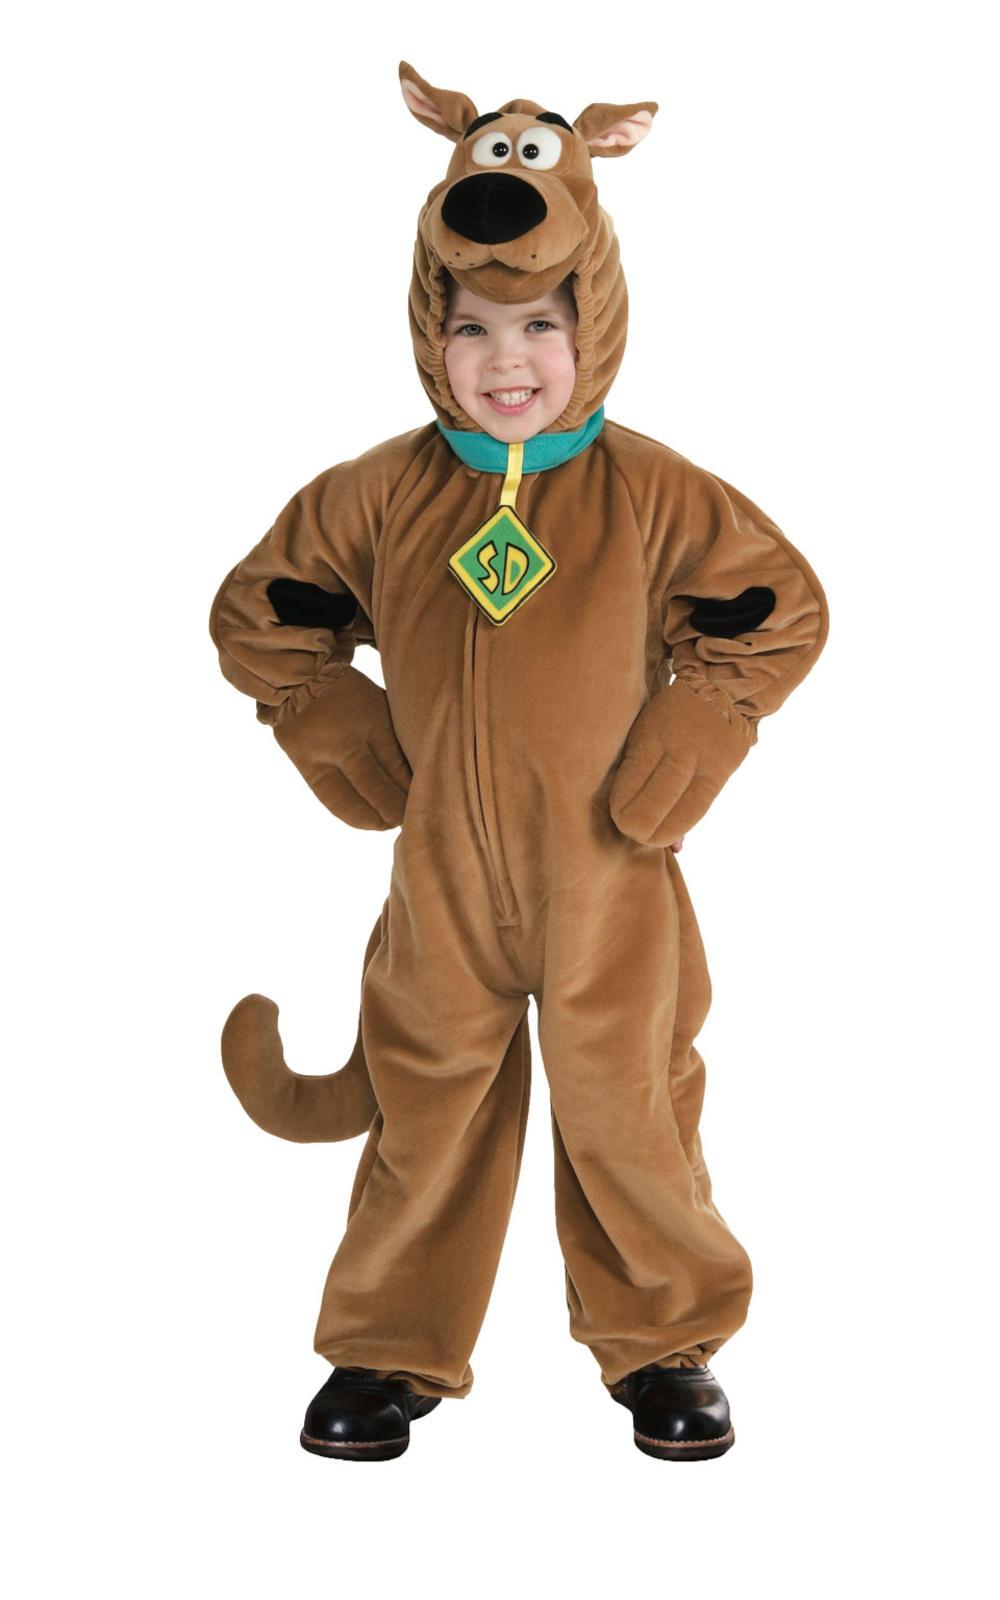 Deluxe Scooby Doo Childs Fancy Dress Boys Kids Cartoon Dog Halloween Costume